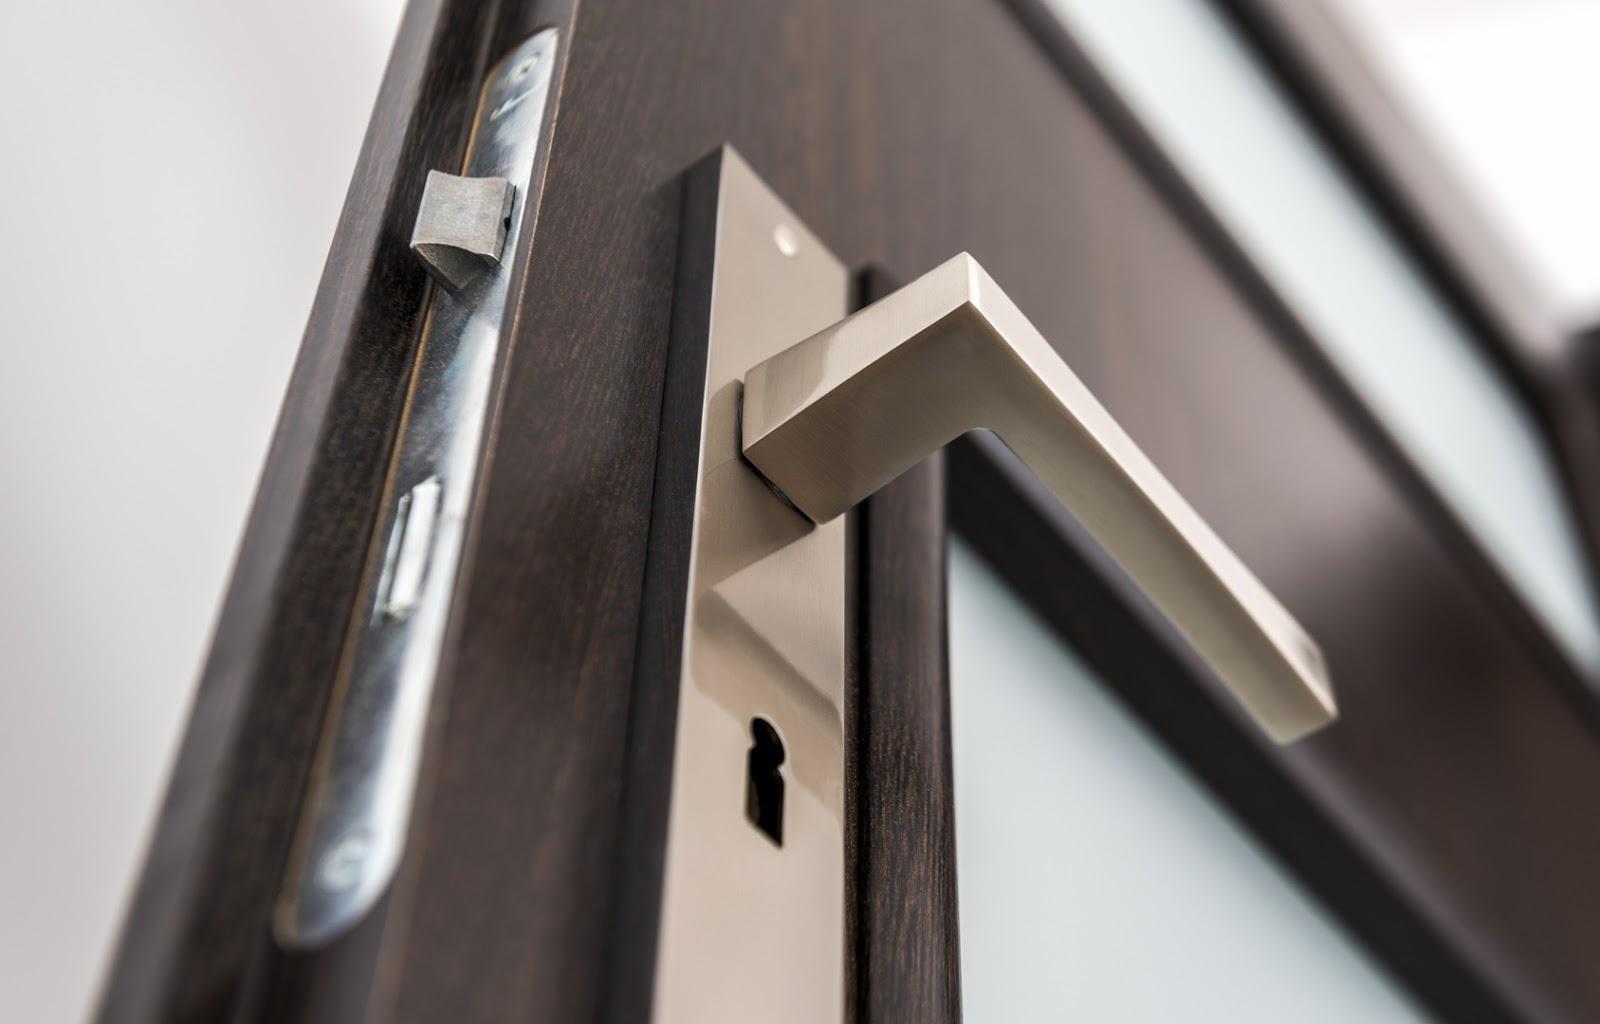 le ofrecemos una gran variedad de puertas de paso y exteriores en diferentes acabados en madera o lacadas con o sin vidriera trabajamos con las mejores